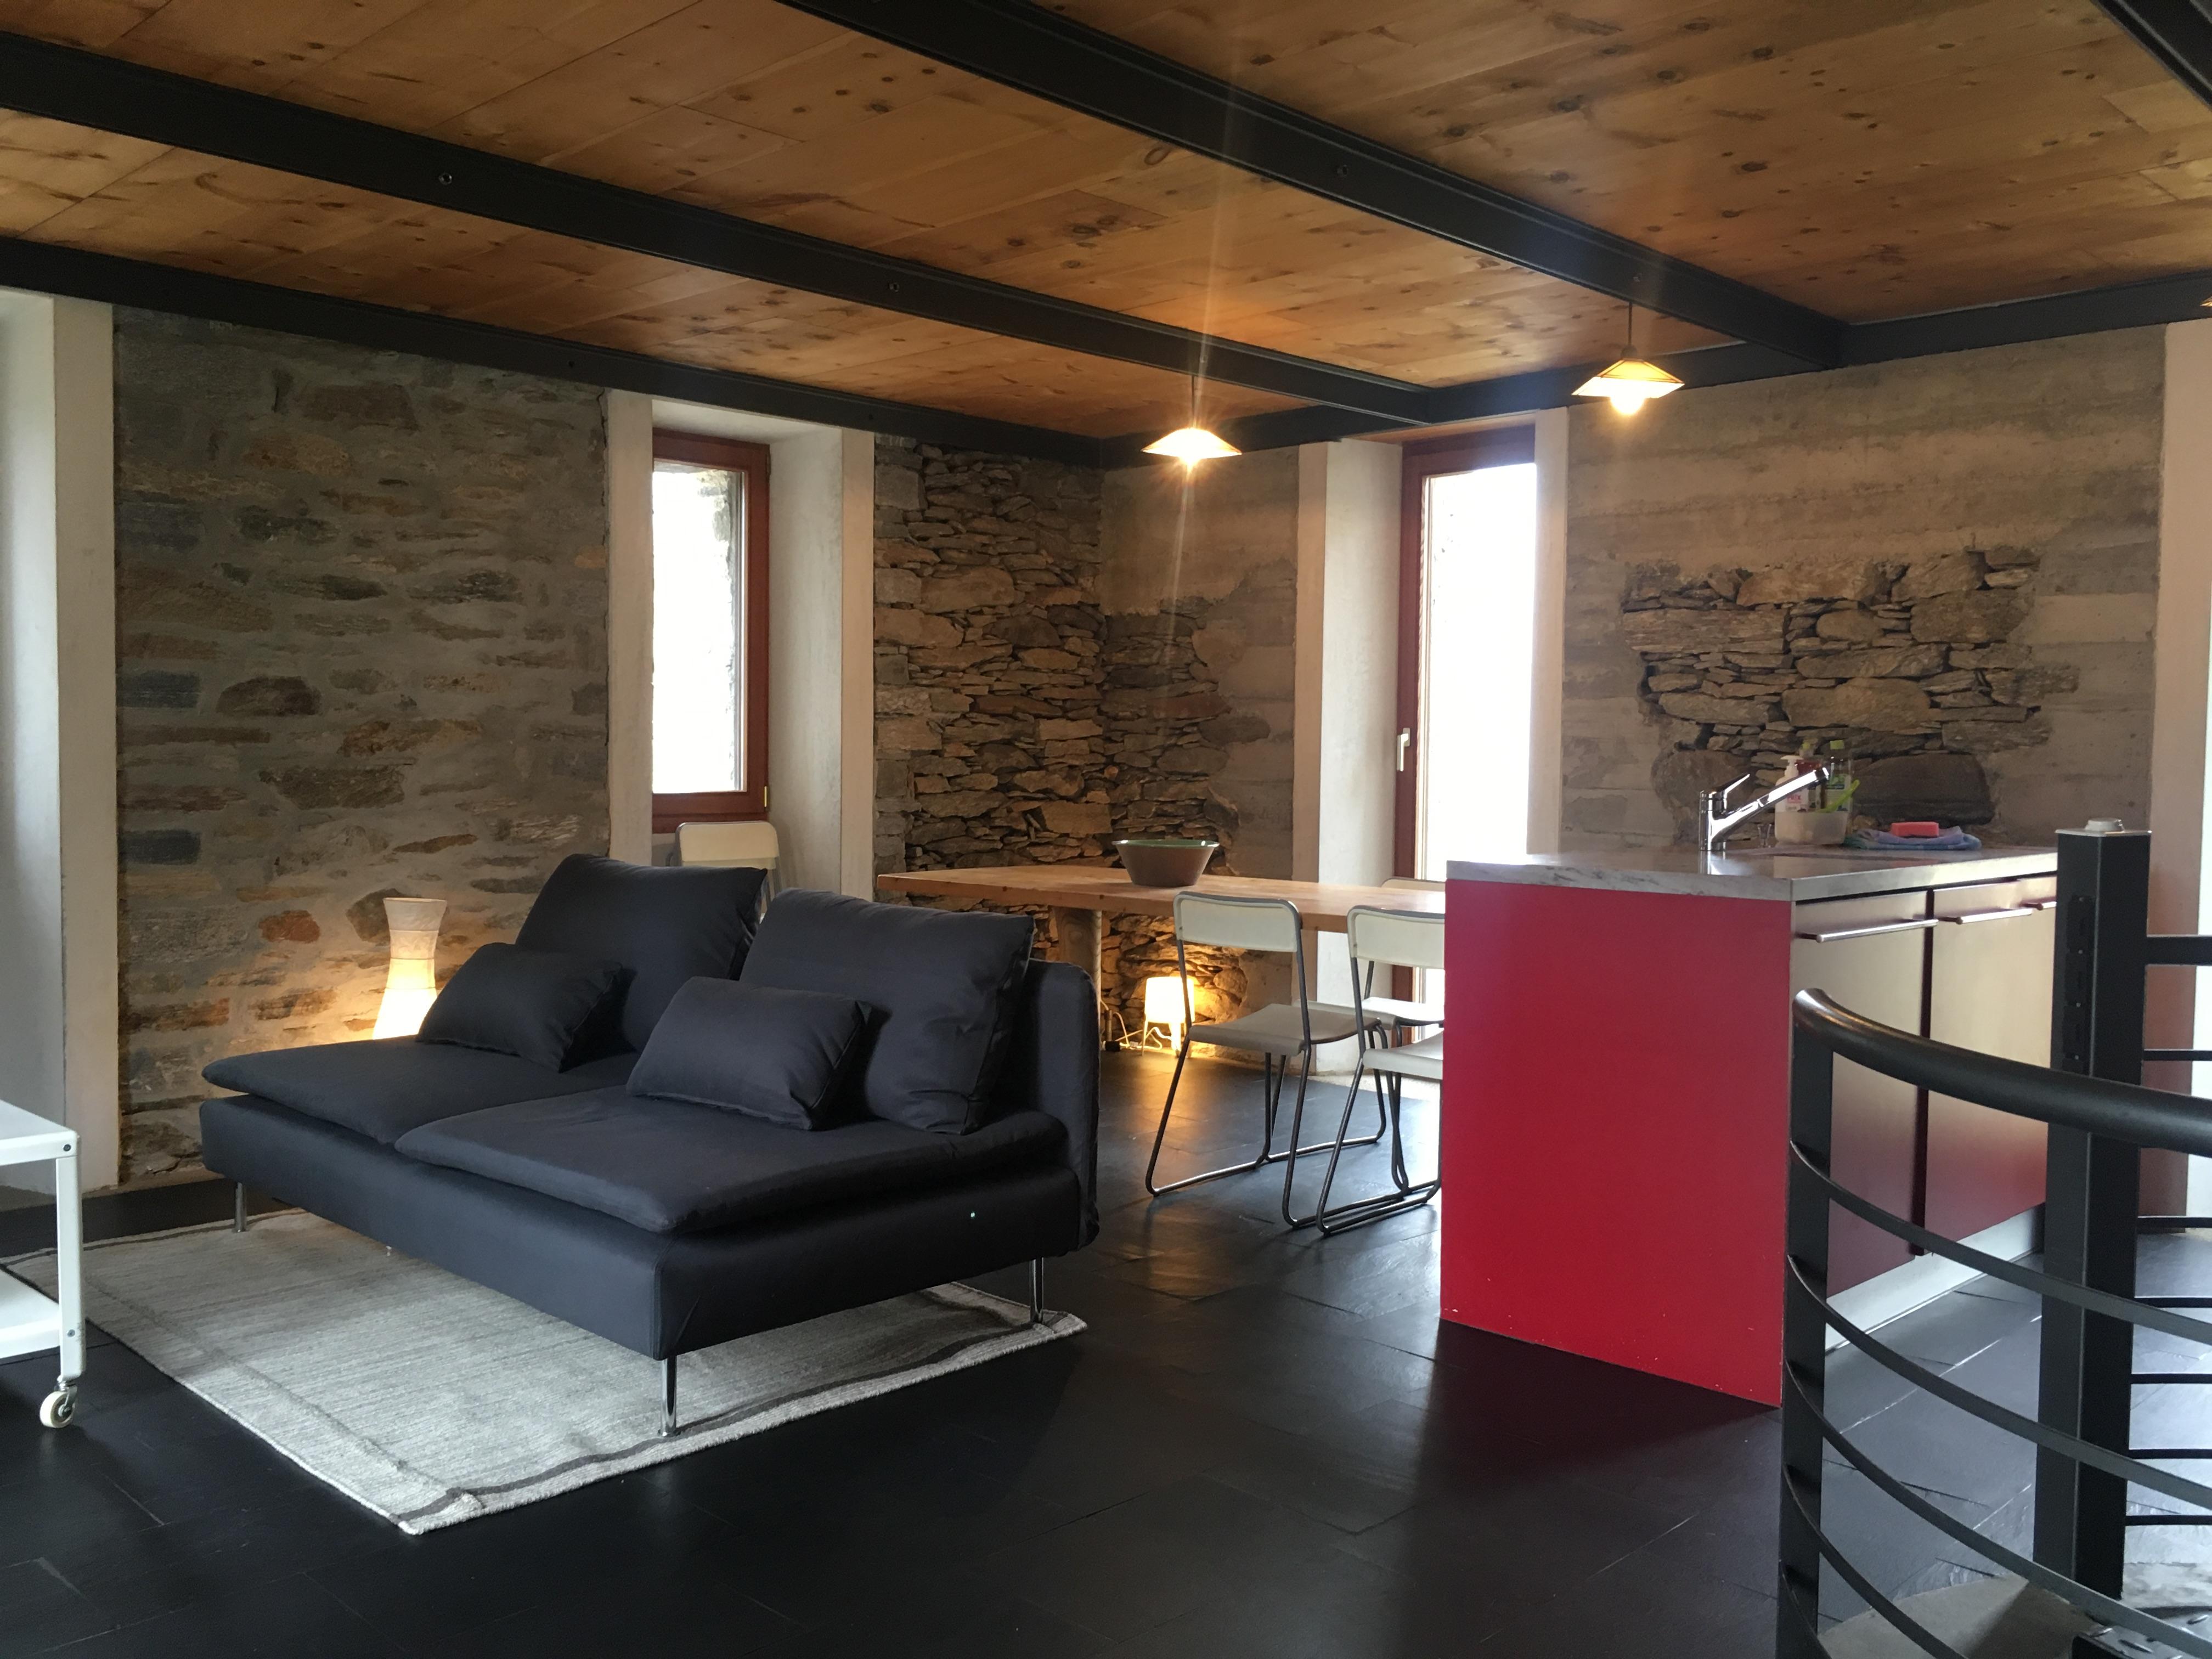 Cucina E Soggiorno Rustico rustico conceprio & sauna - cabins for rent in corzoneso